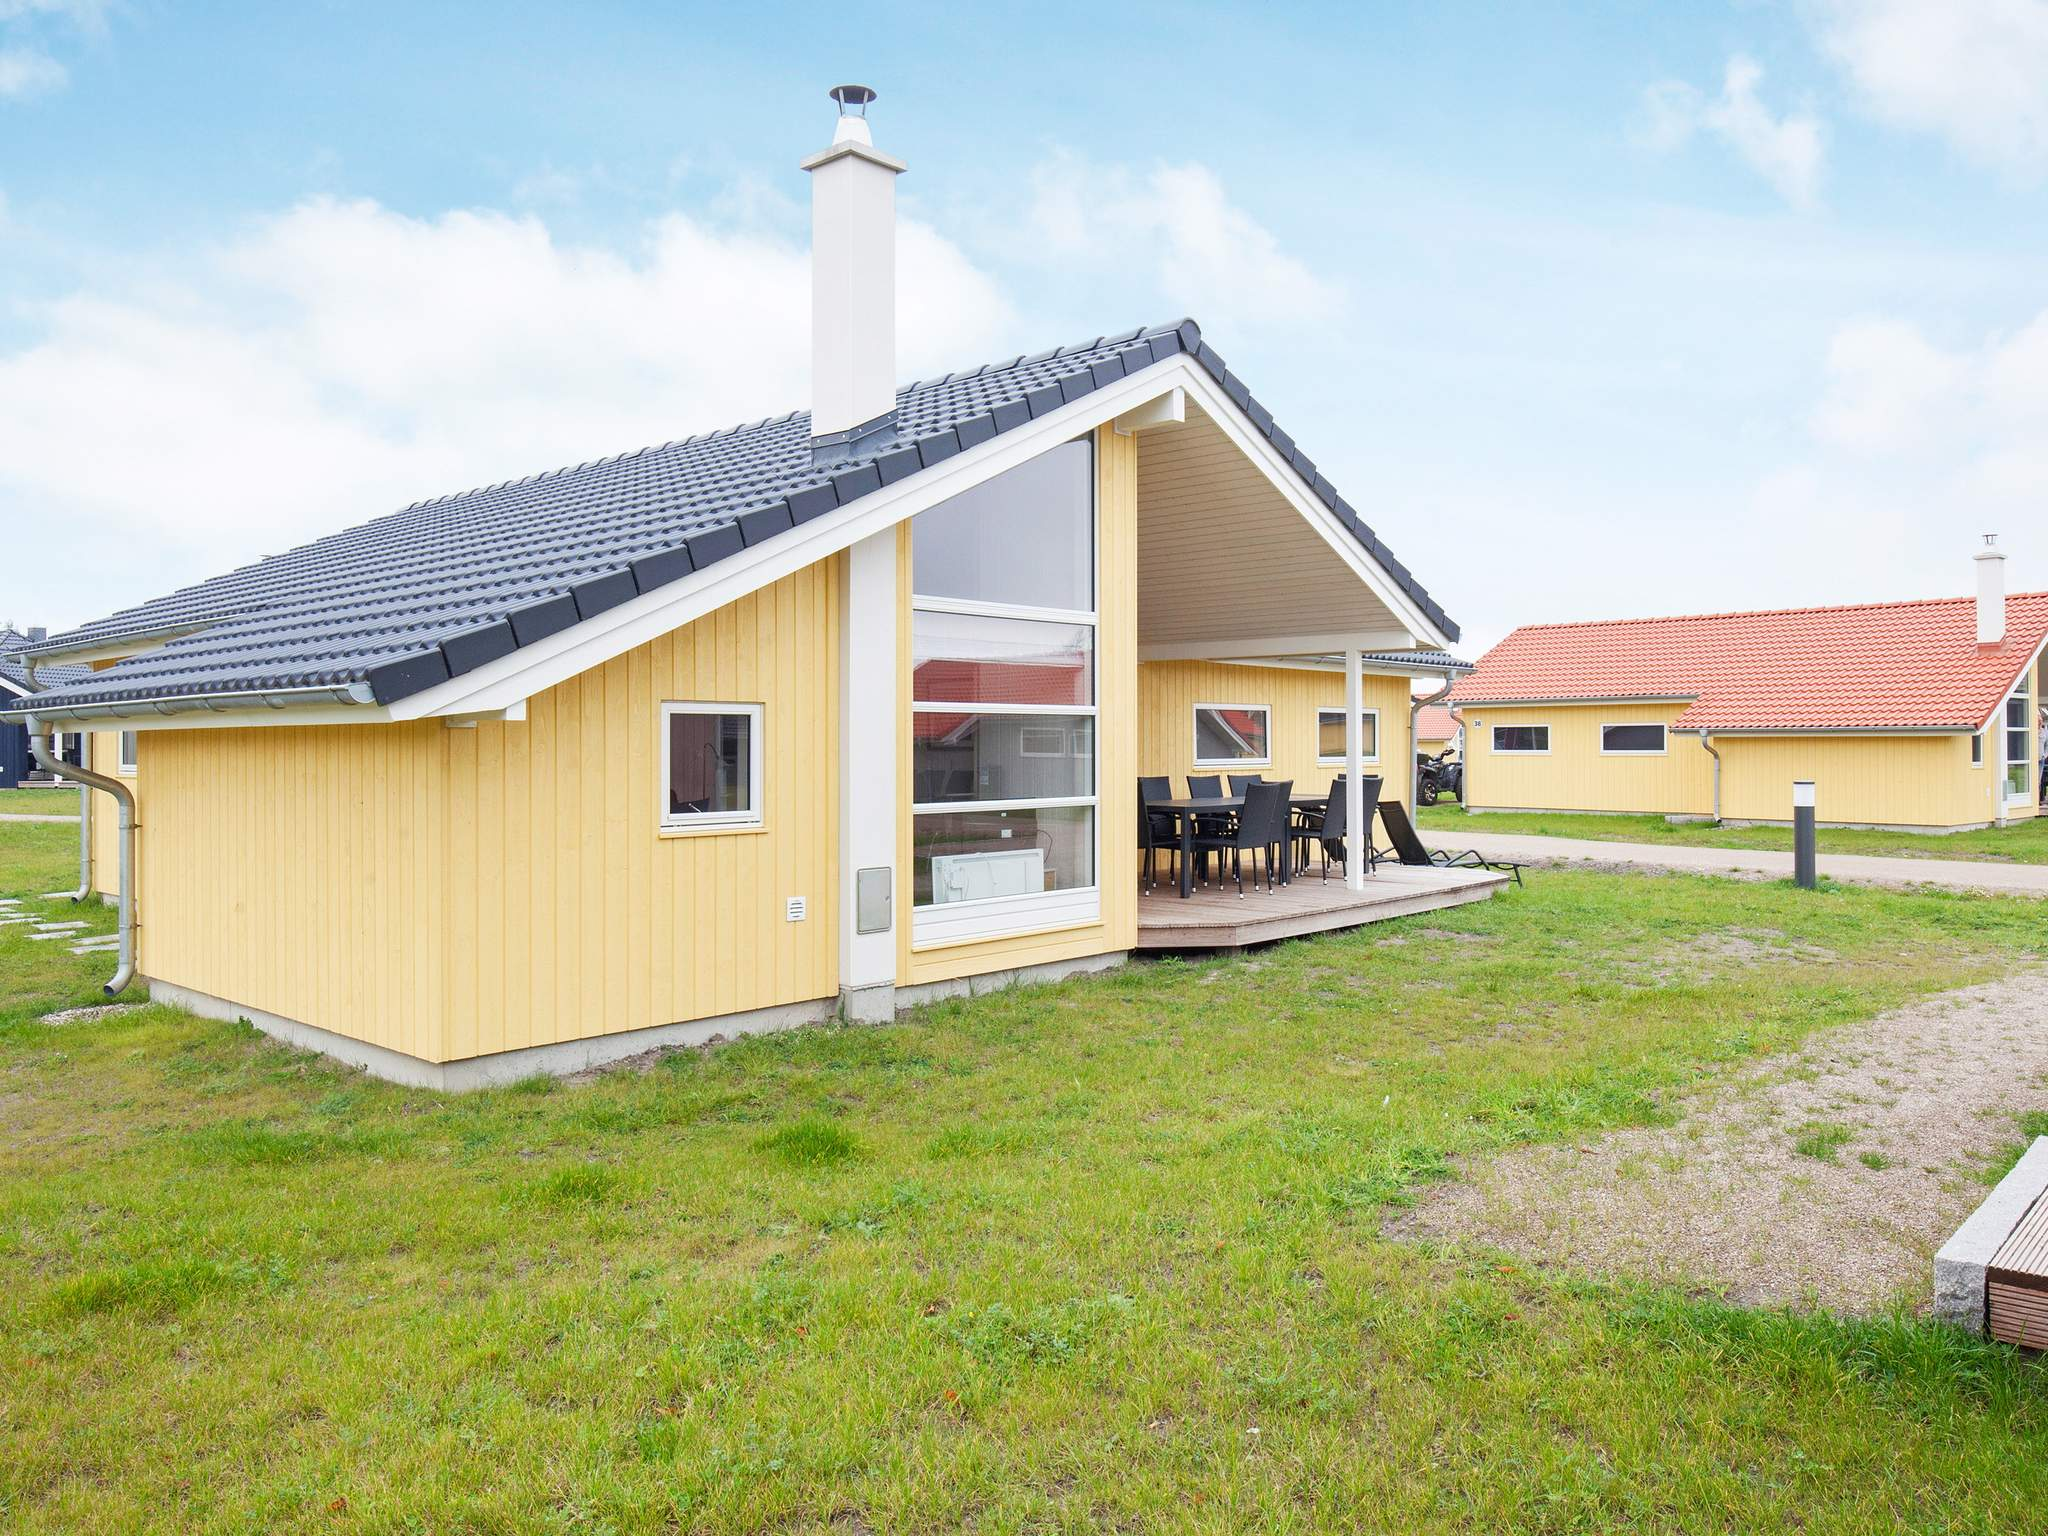 Ferienhaus Großenbrode (2355384), Großenbrode, Ostseespitze Wagrien, Schleswig-Holstein, Deutschland, Bild 19